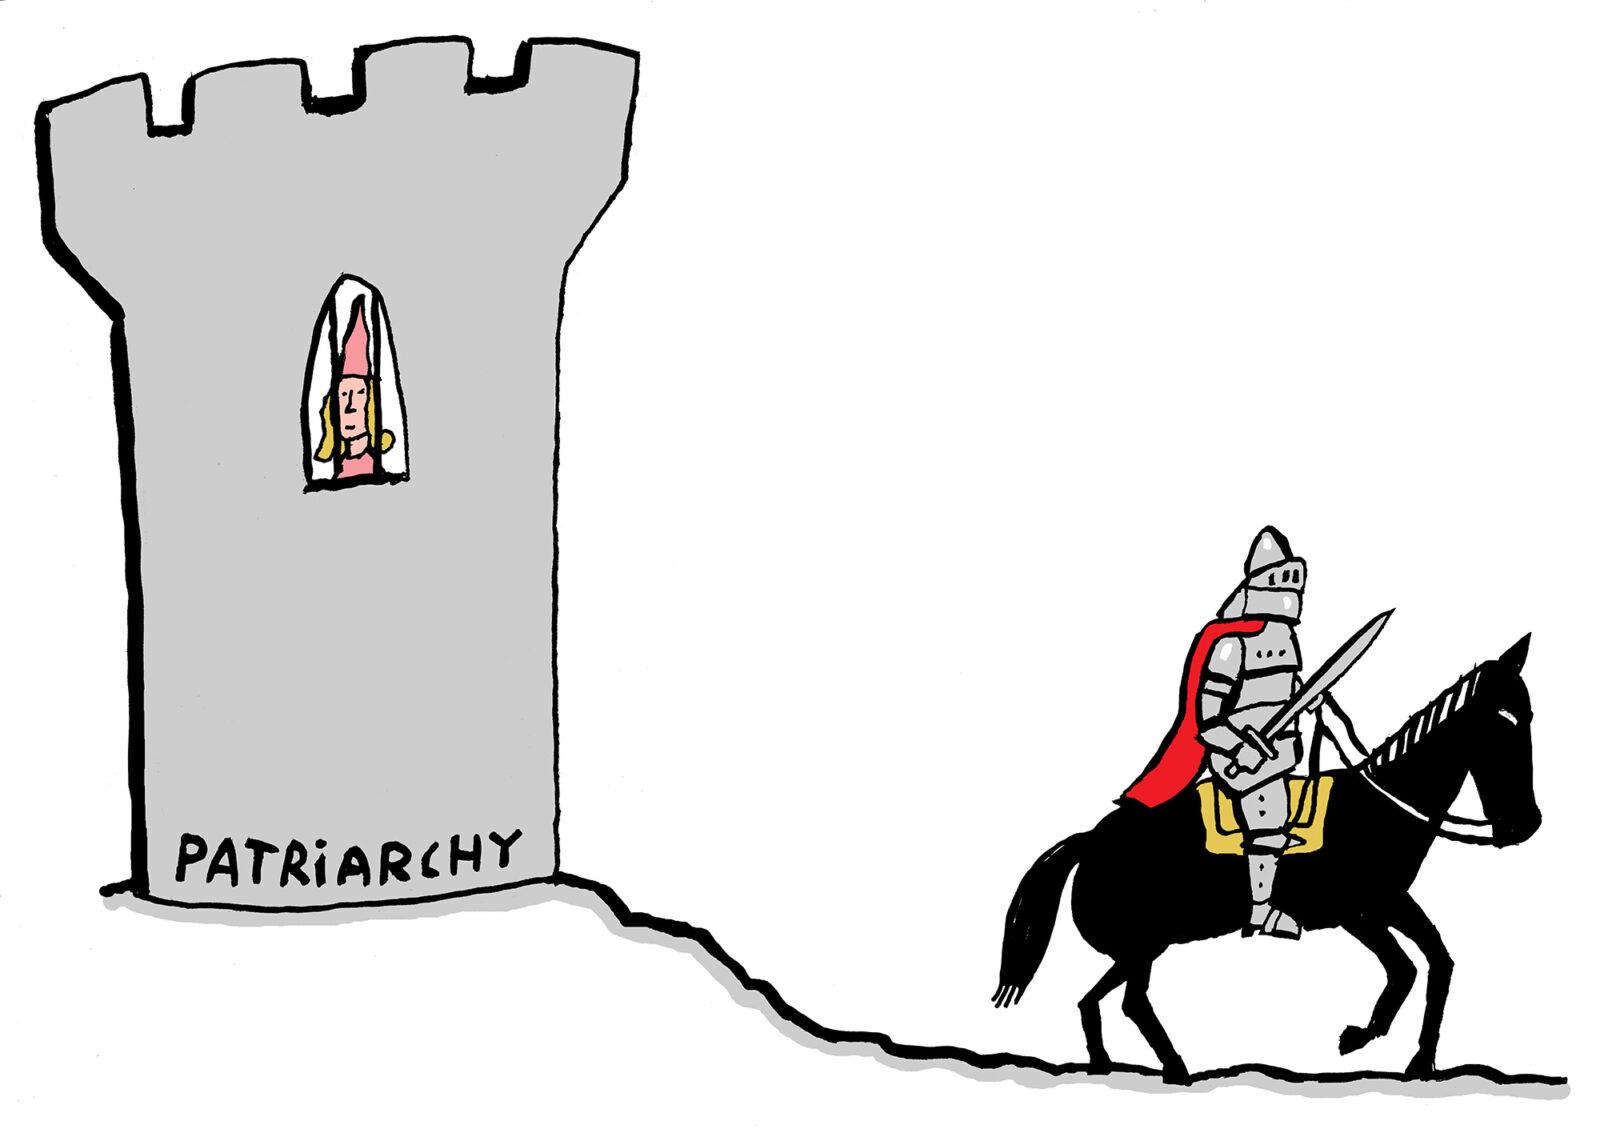 De Kwestie – patriarchaat ridder-eng – bas van der schot